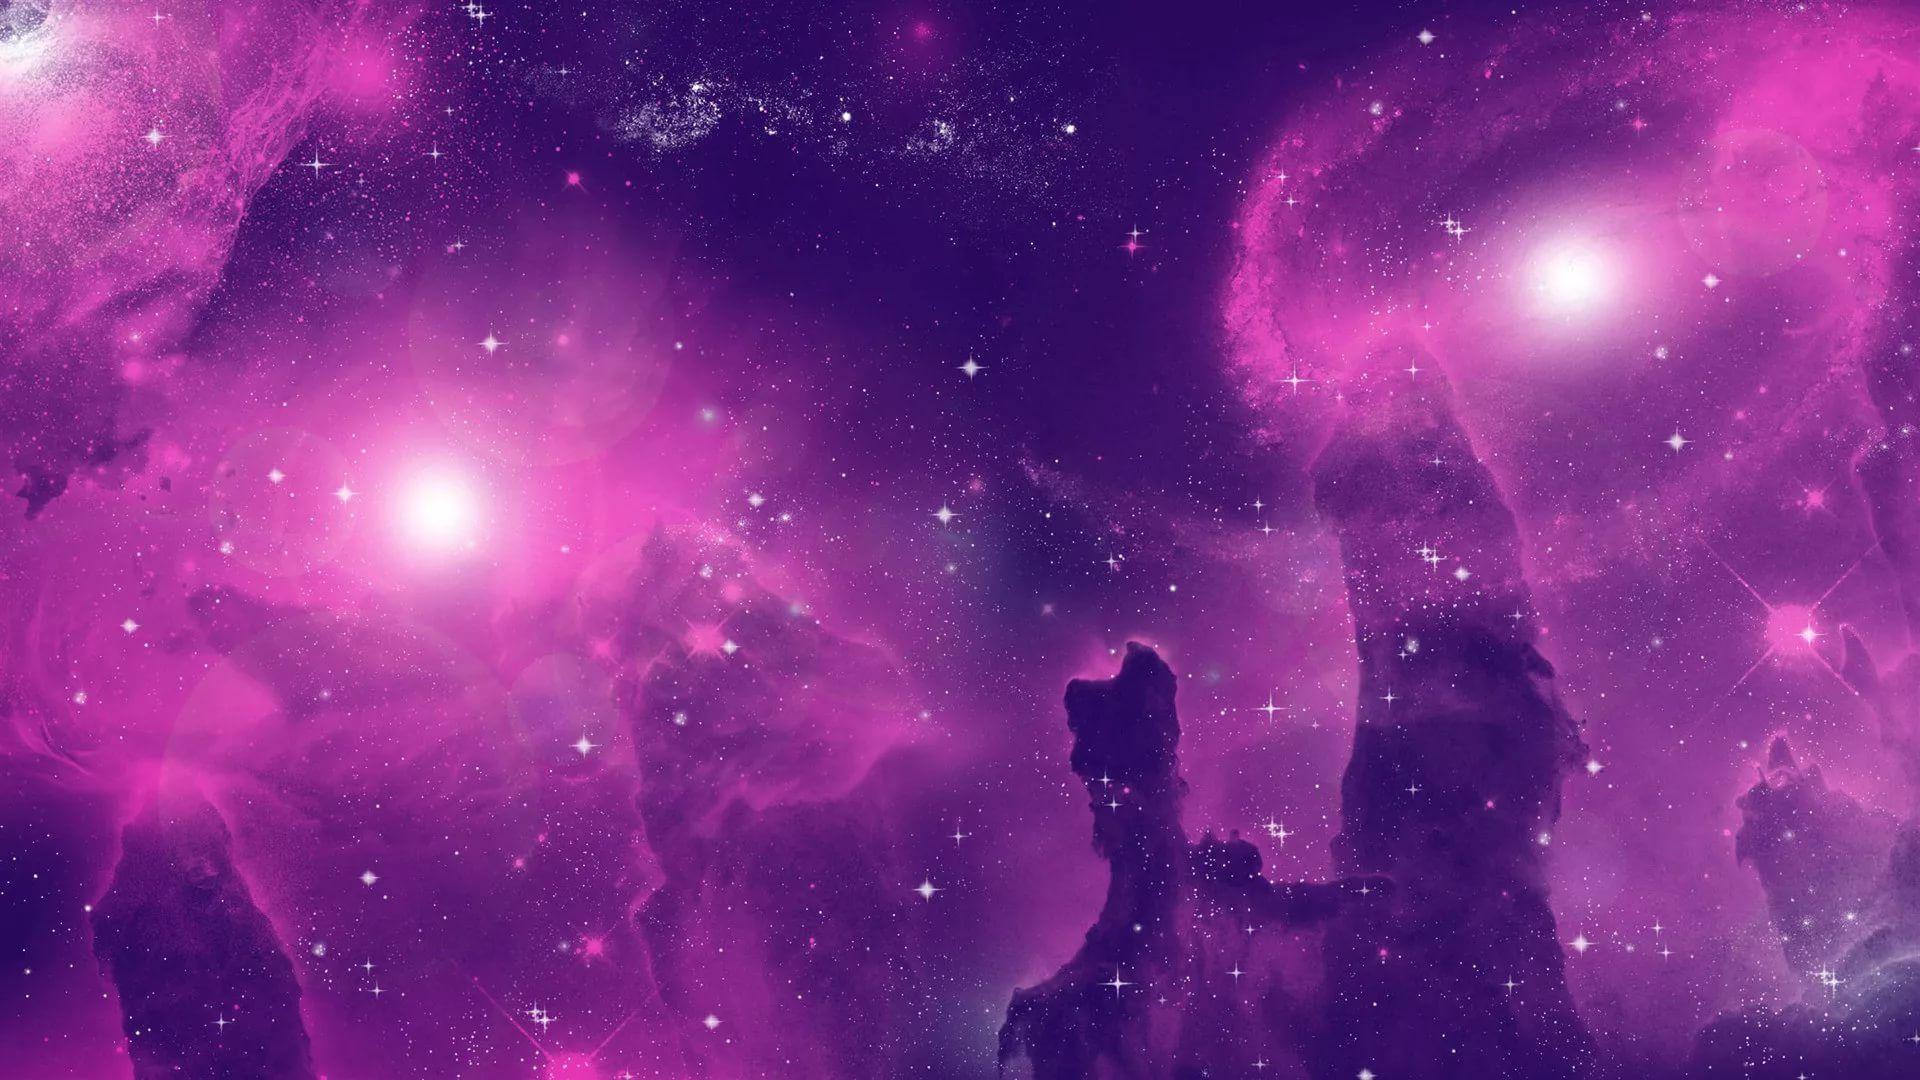 Pink Galaxy hd wallpaper